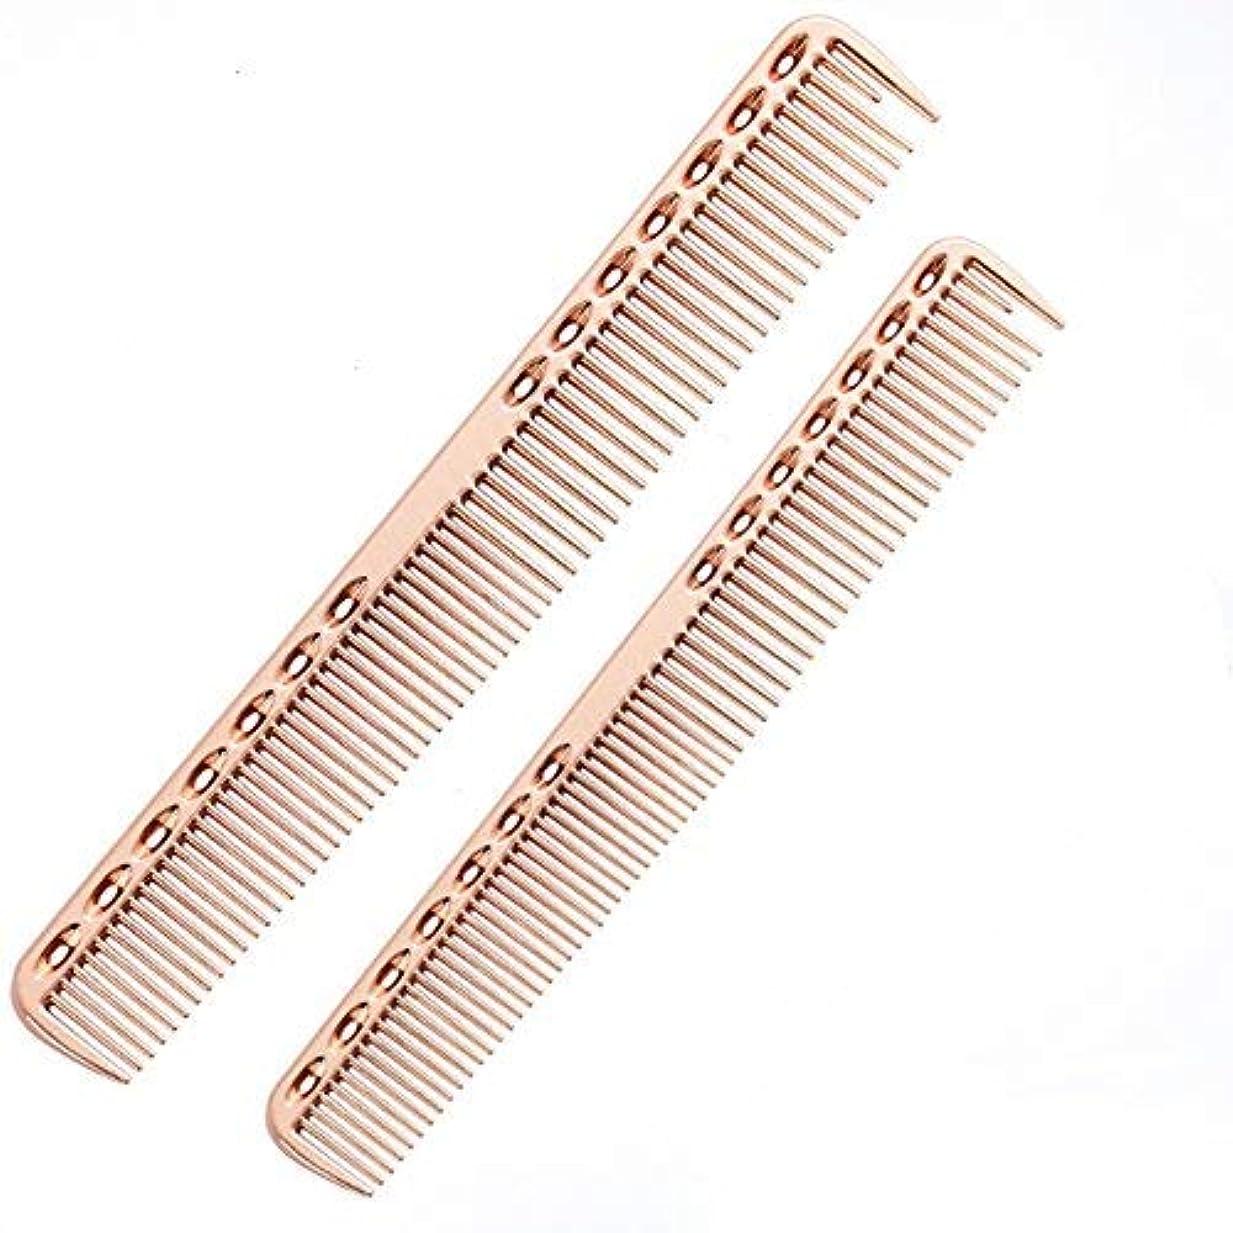 卒業記念アルバム勝者柔らかいSMITH CHU Professional Space Aluminum Dressing Combs for Women - Best Styling Comb for Long,Wet or Curly, Reduce...